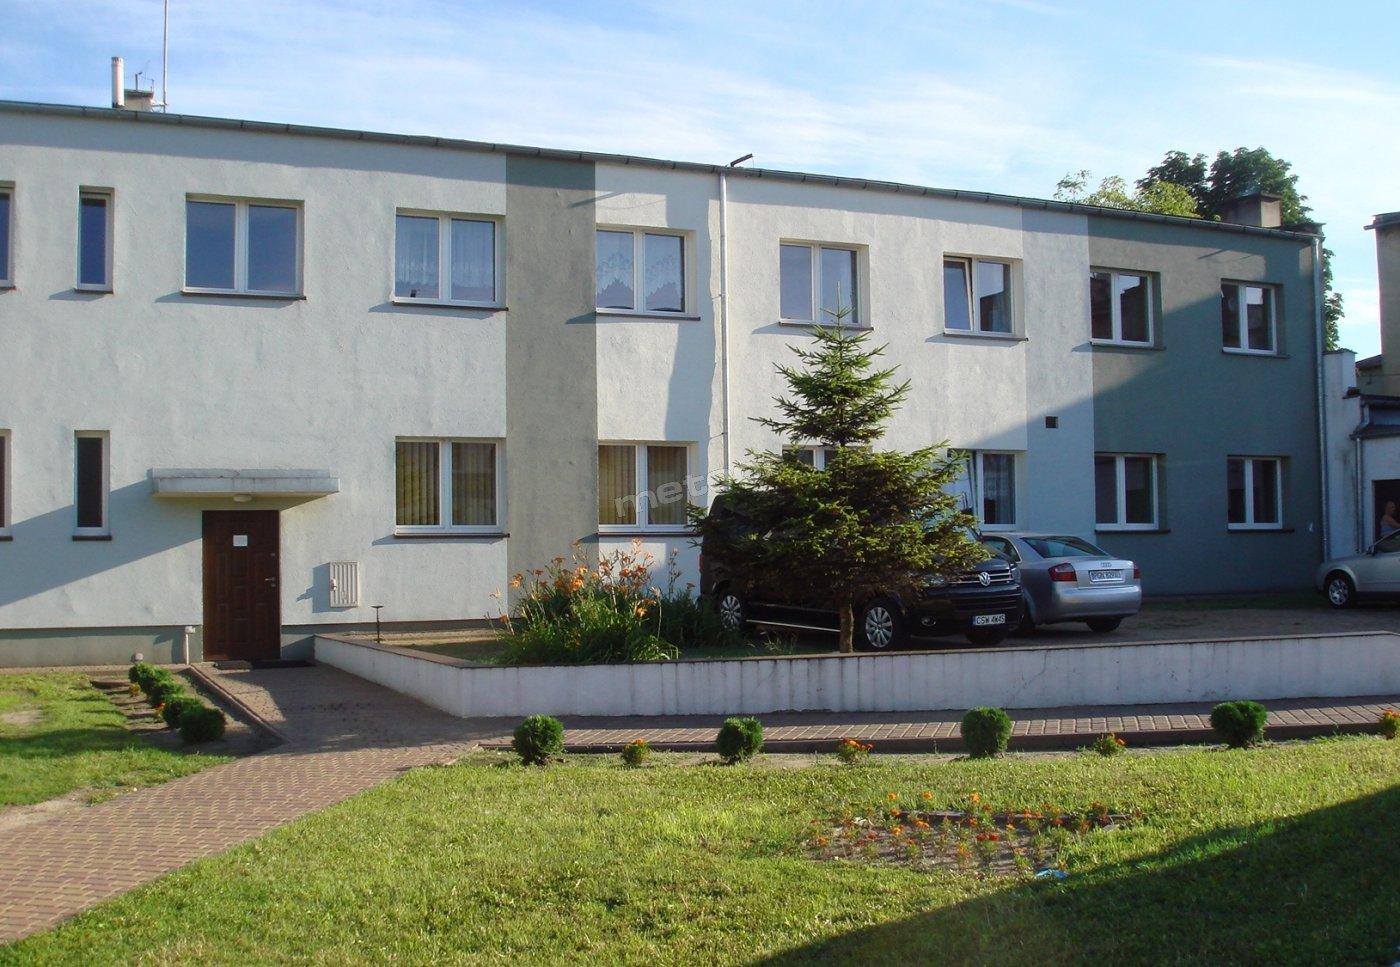 Hotel Krasnal - Kwatery Pracownicze, Studenckie